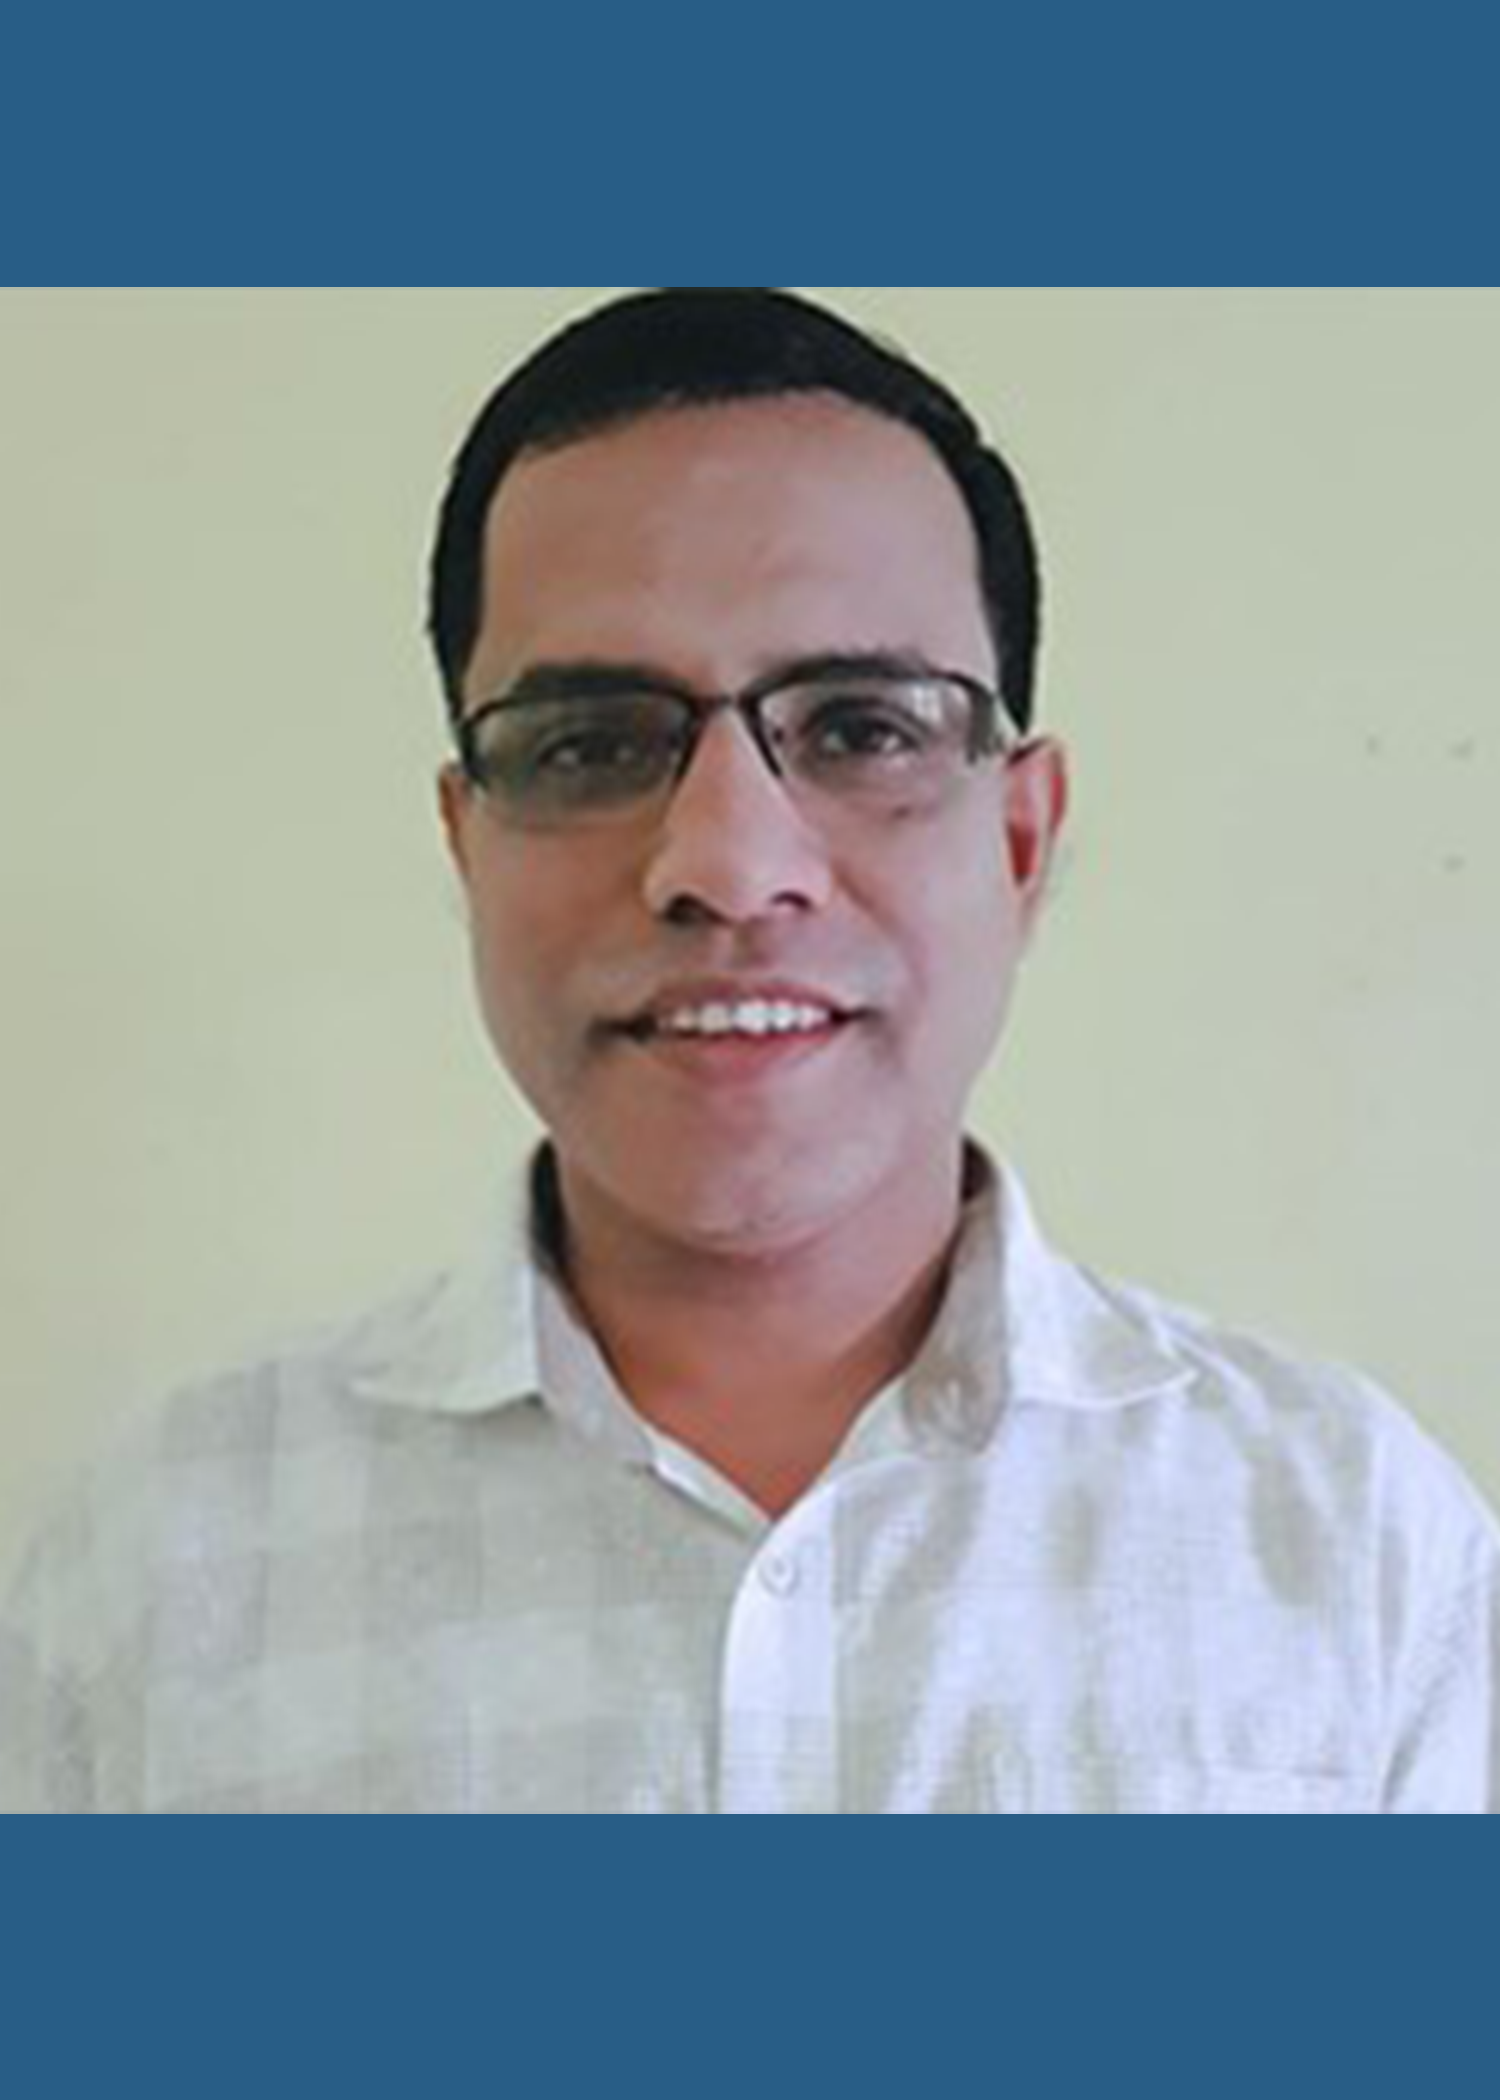 Dr. Navaneethan C. Arjuman